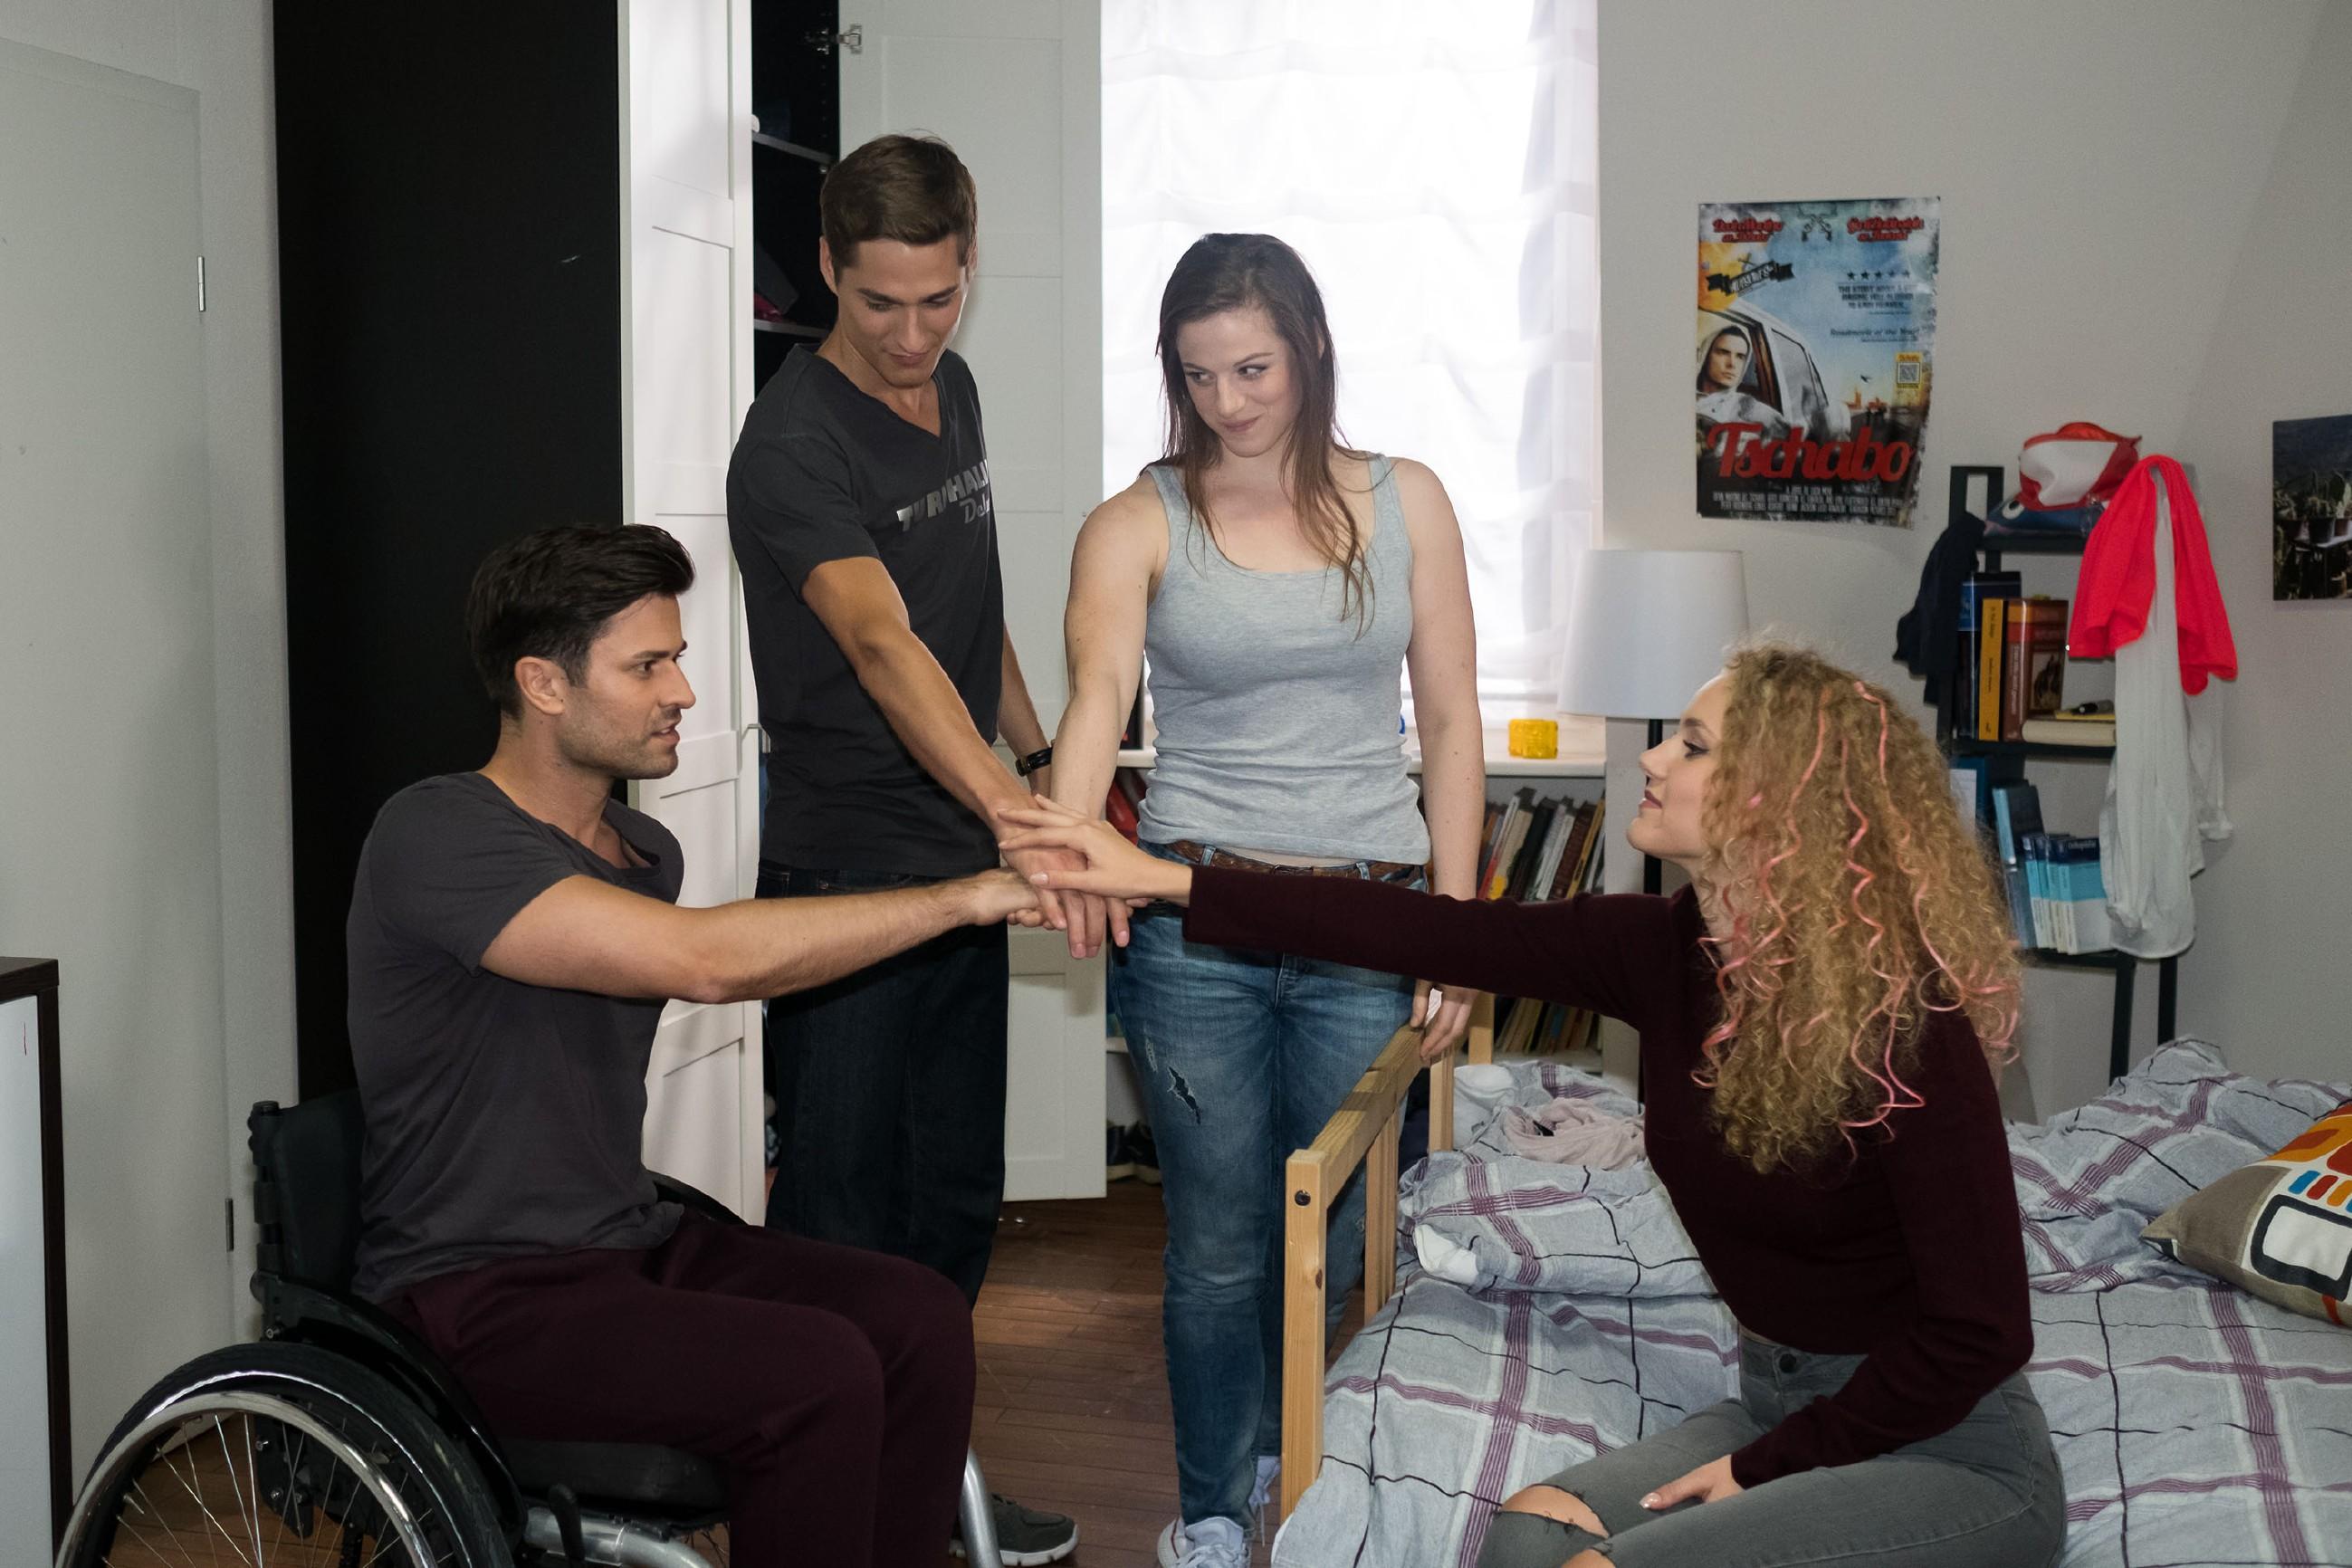 Paco (Milos Vukovic, l.), Ringo (Timothy Boldt), Elli (Nora Koppen) und KayC (Pauline Angert, r.) schwören sich darauf ein, die betrügerische WG zu schlagen. (Quelle: RTL / Stefan Behrens)